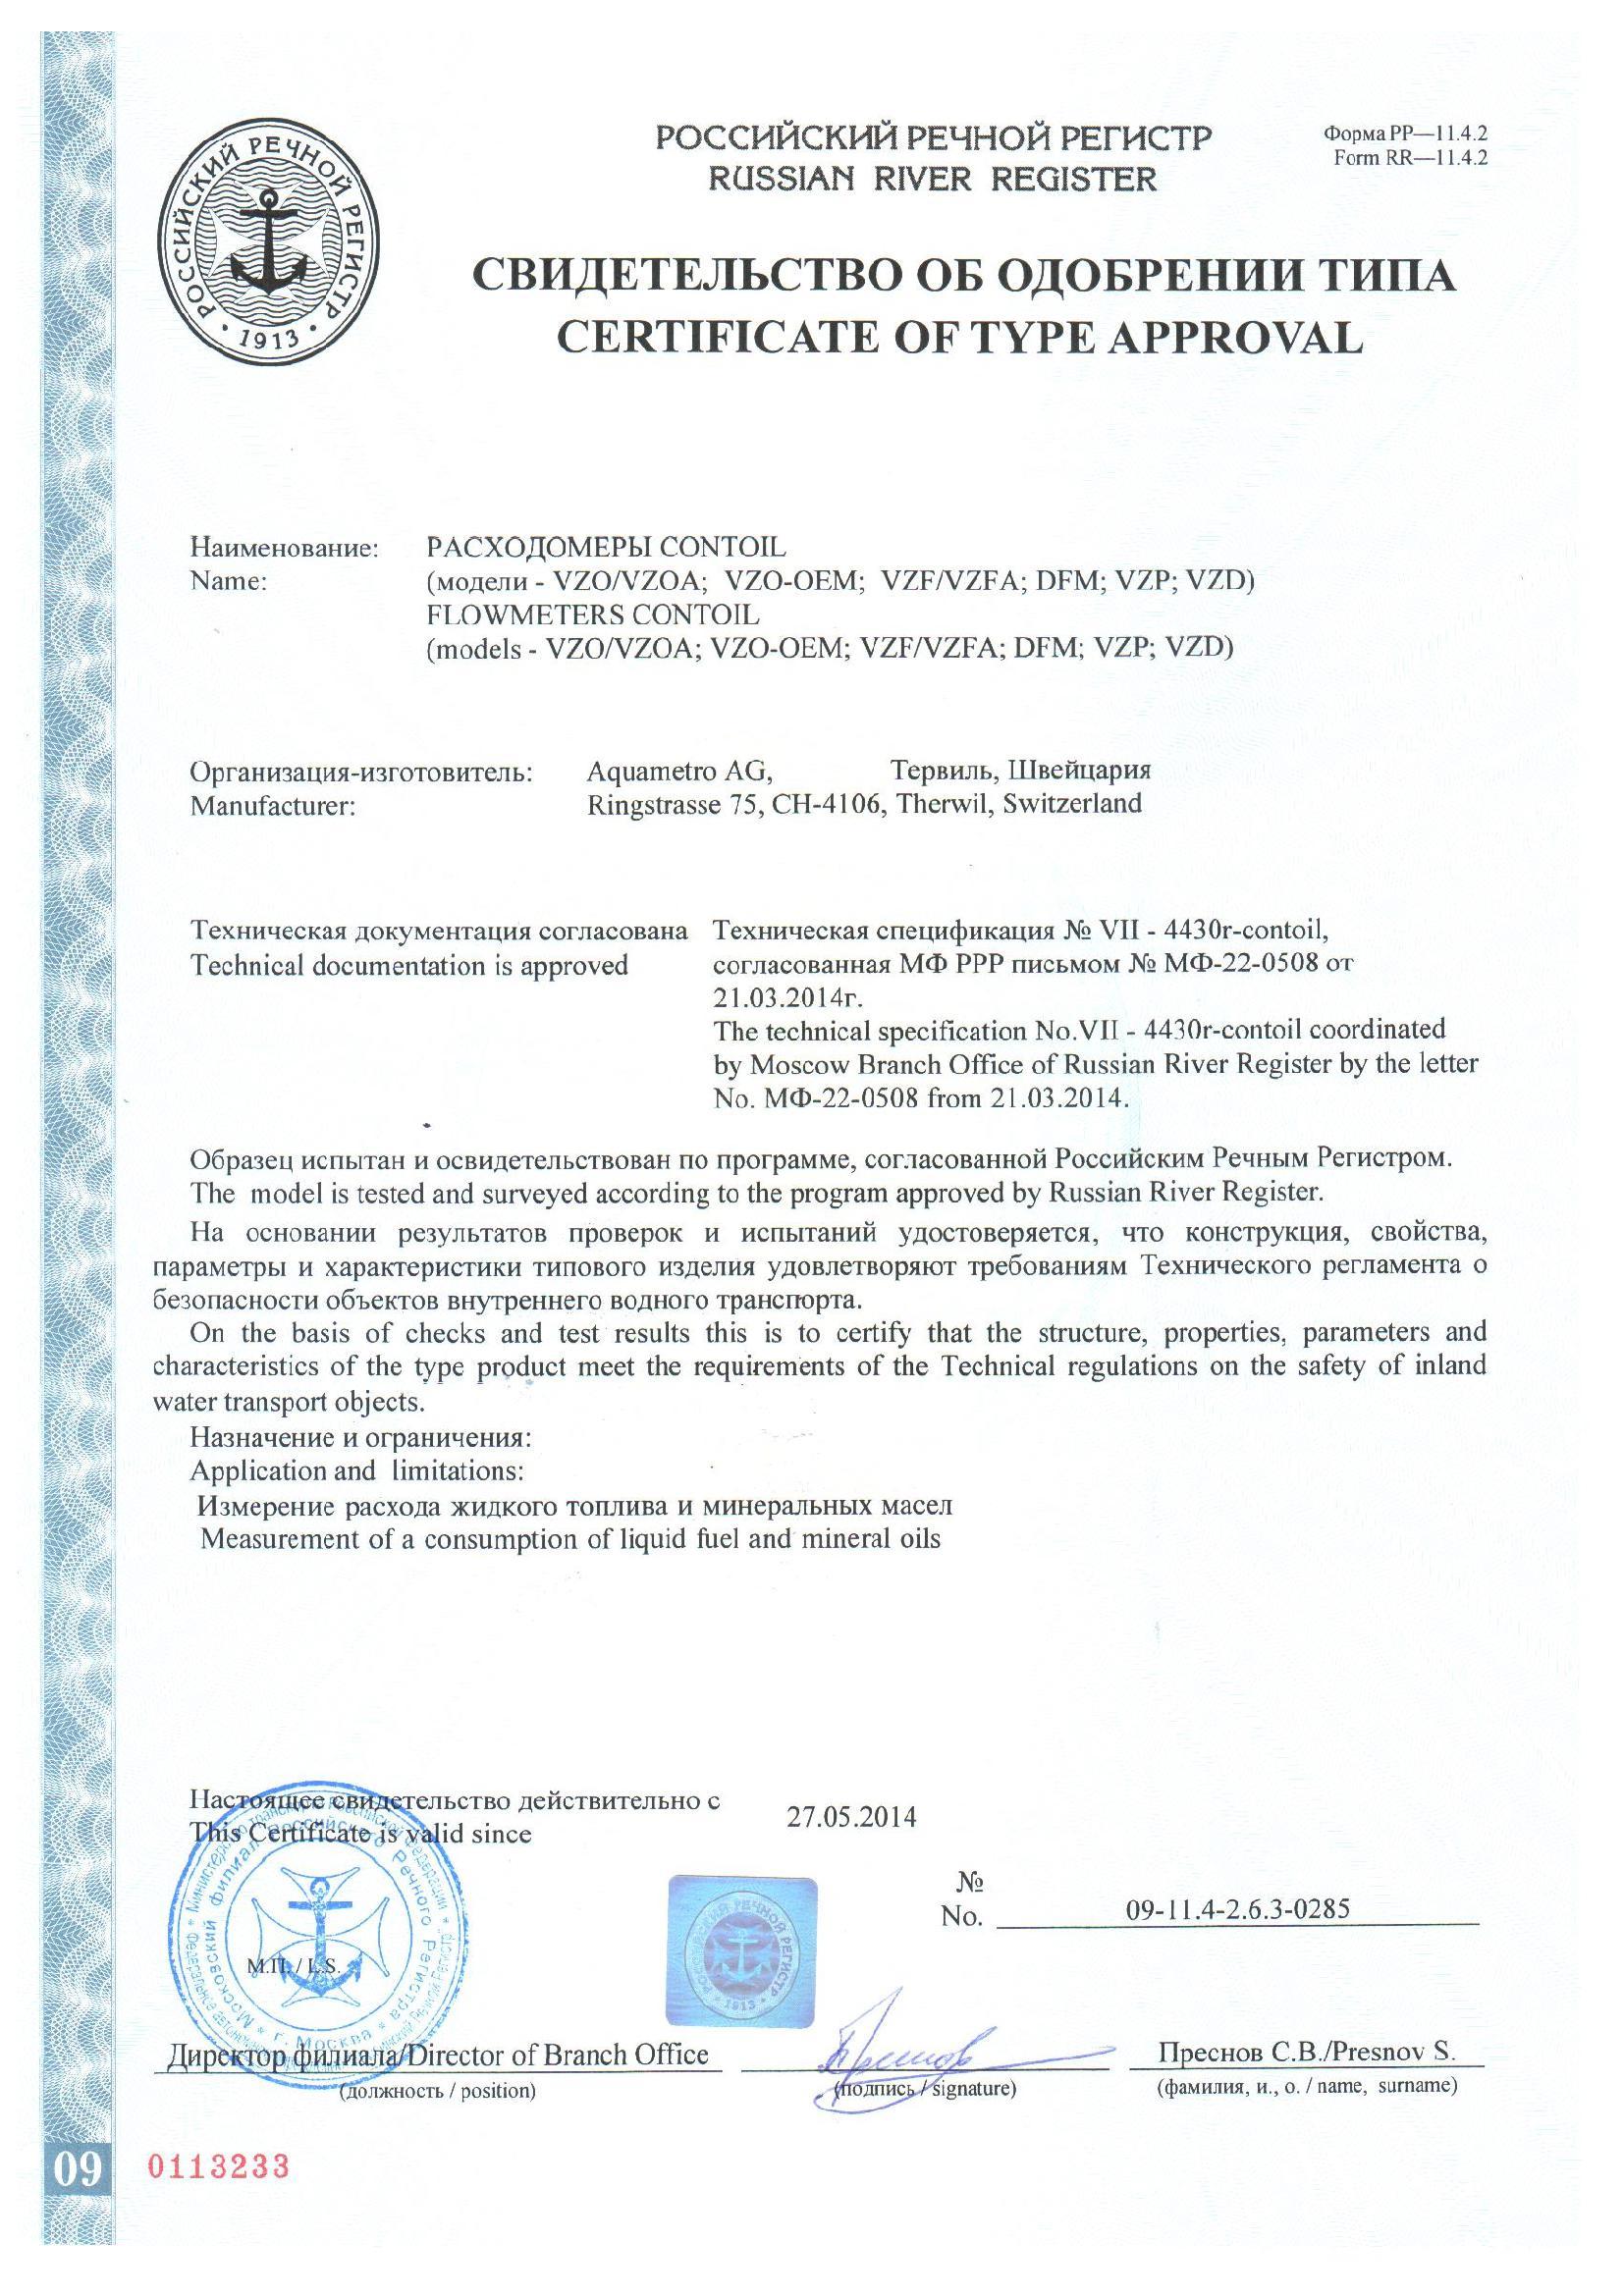 Свидетельство о одобрении типа Российского речного Регистра